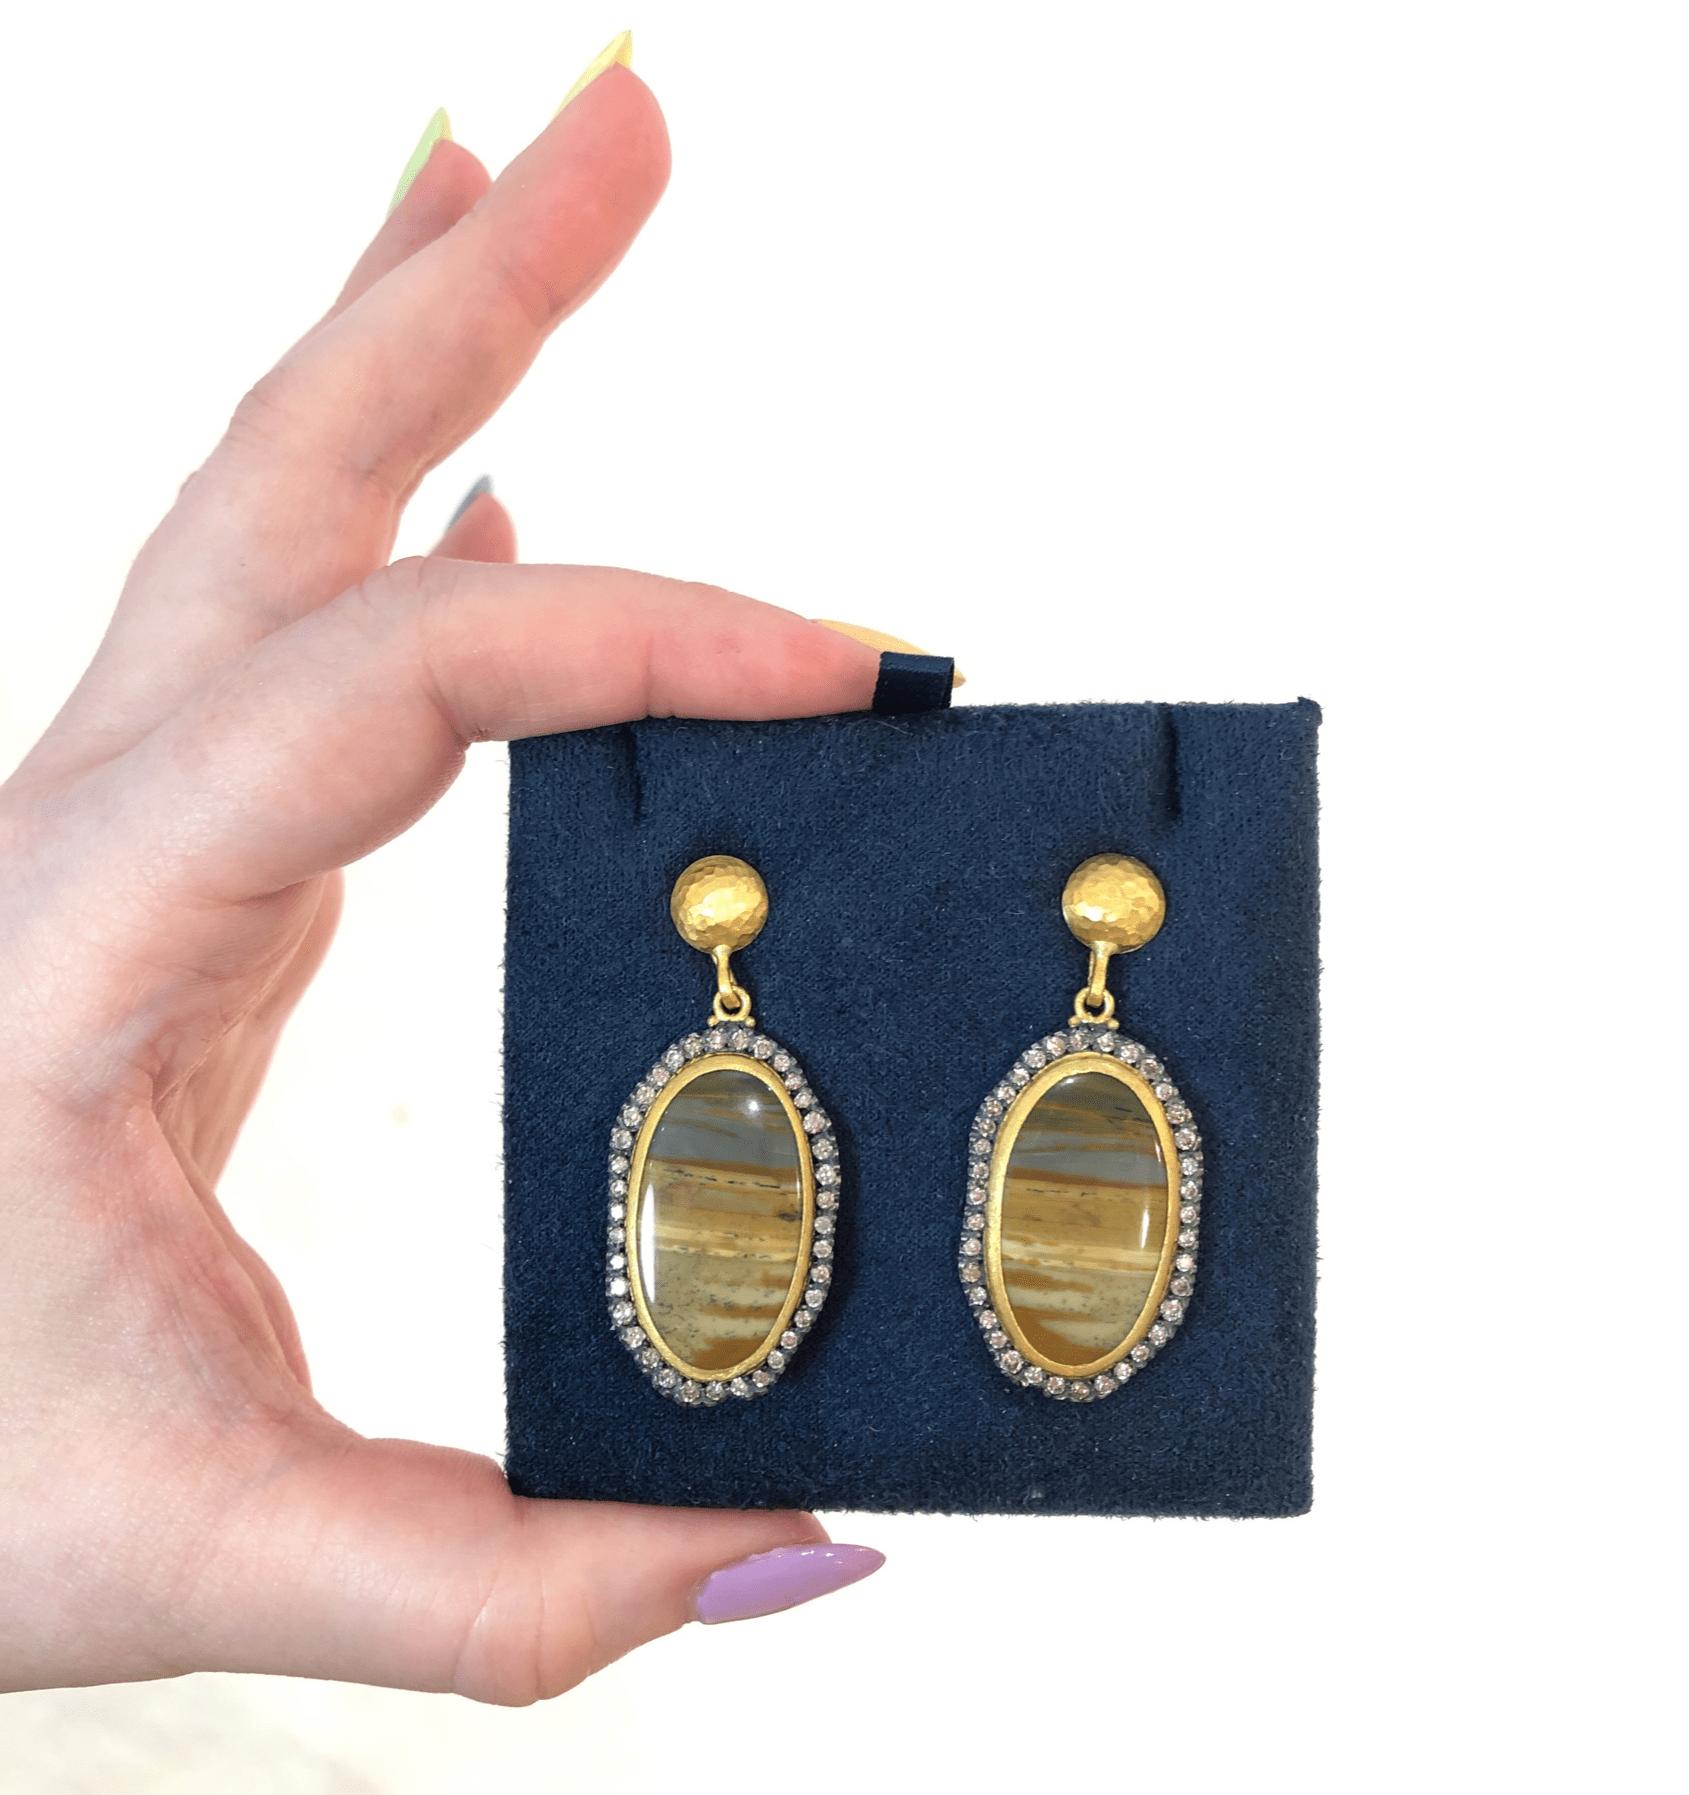 I love the jasper stones in these Lika Behar earrings.